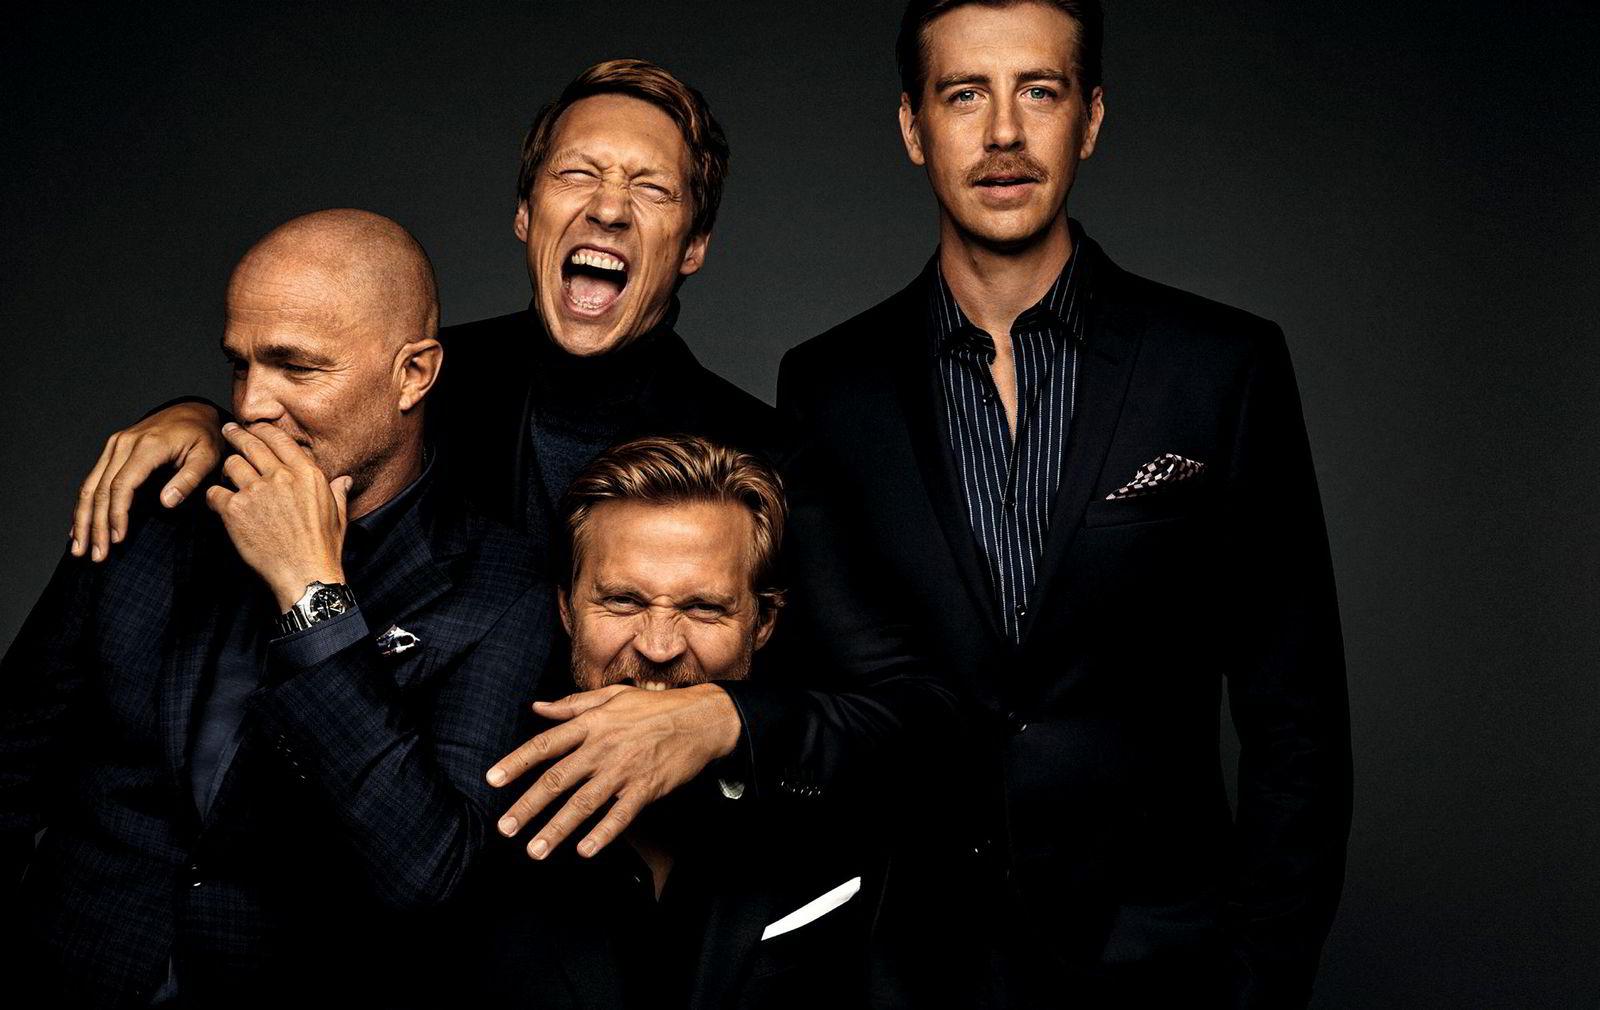 Karakterene Jeppe (Jon Øigarden), Adam (Simon Berger), Henrik (Tobias Santelmann), og William (Pål Sverre Hagen) er basert på fire ekte investorer.